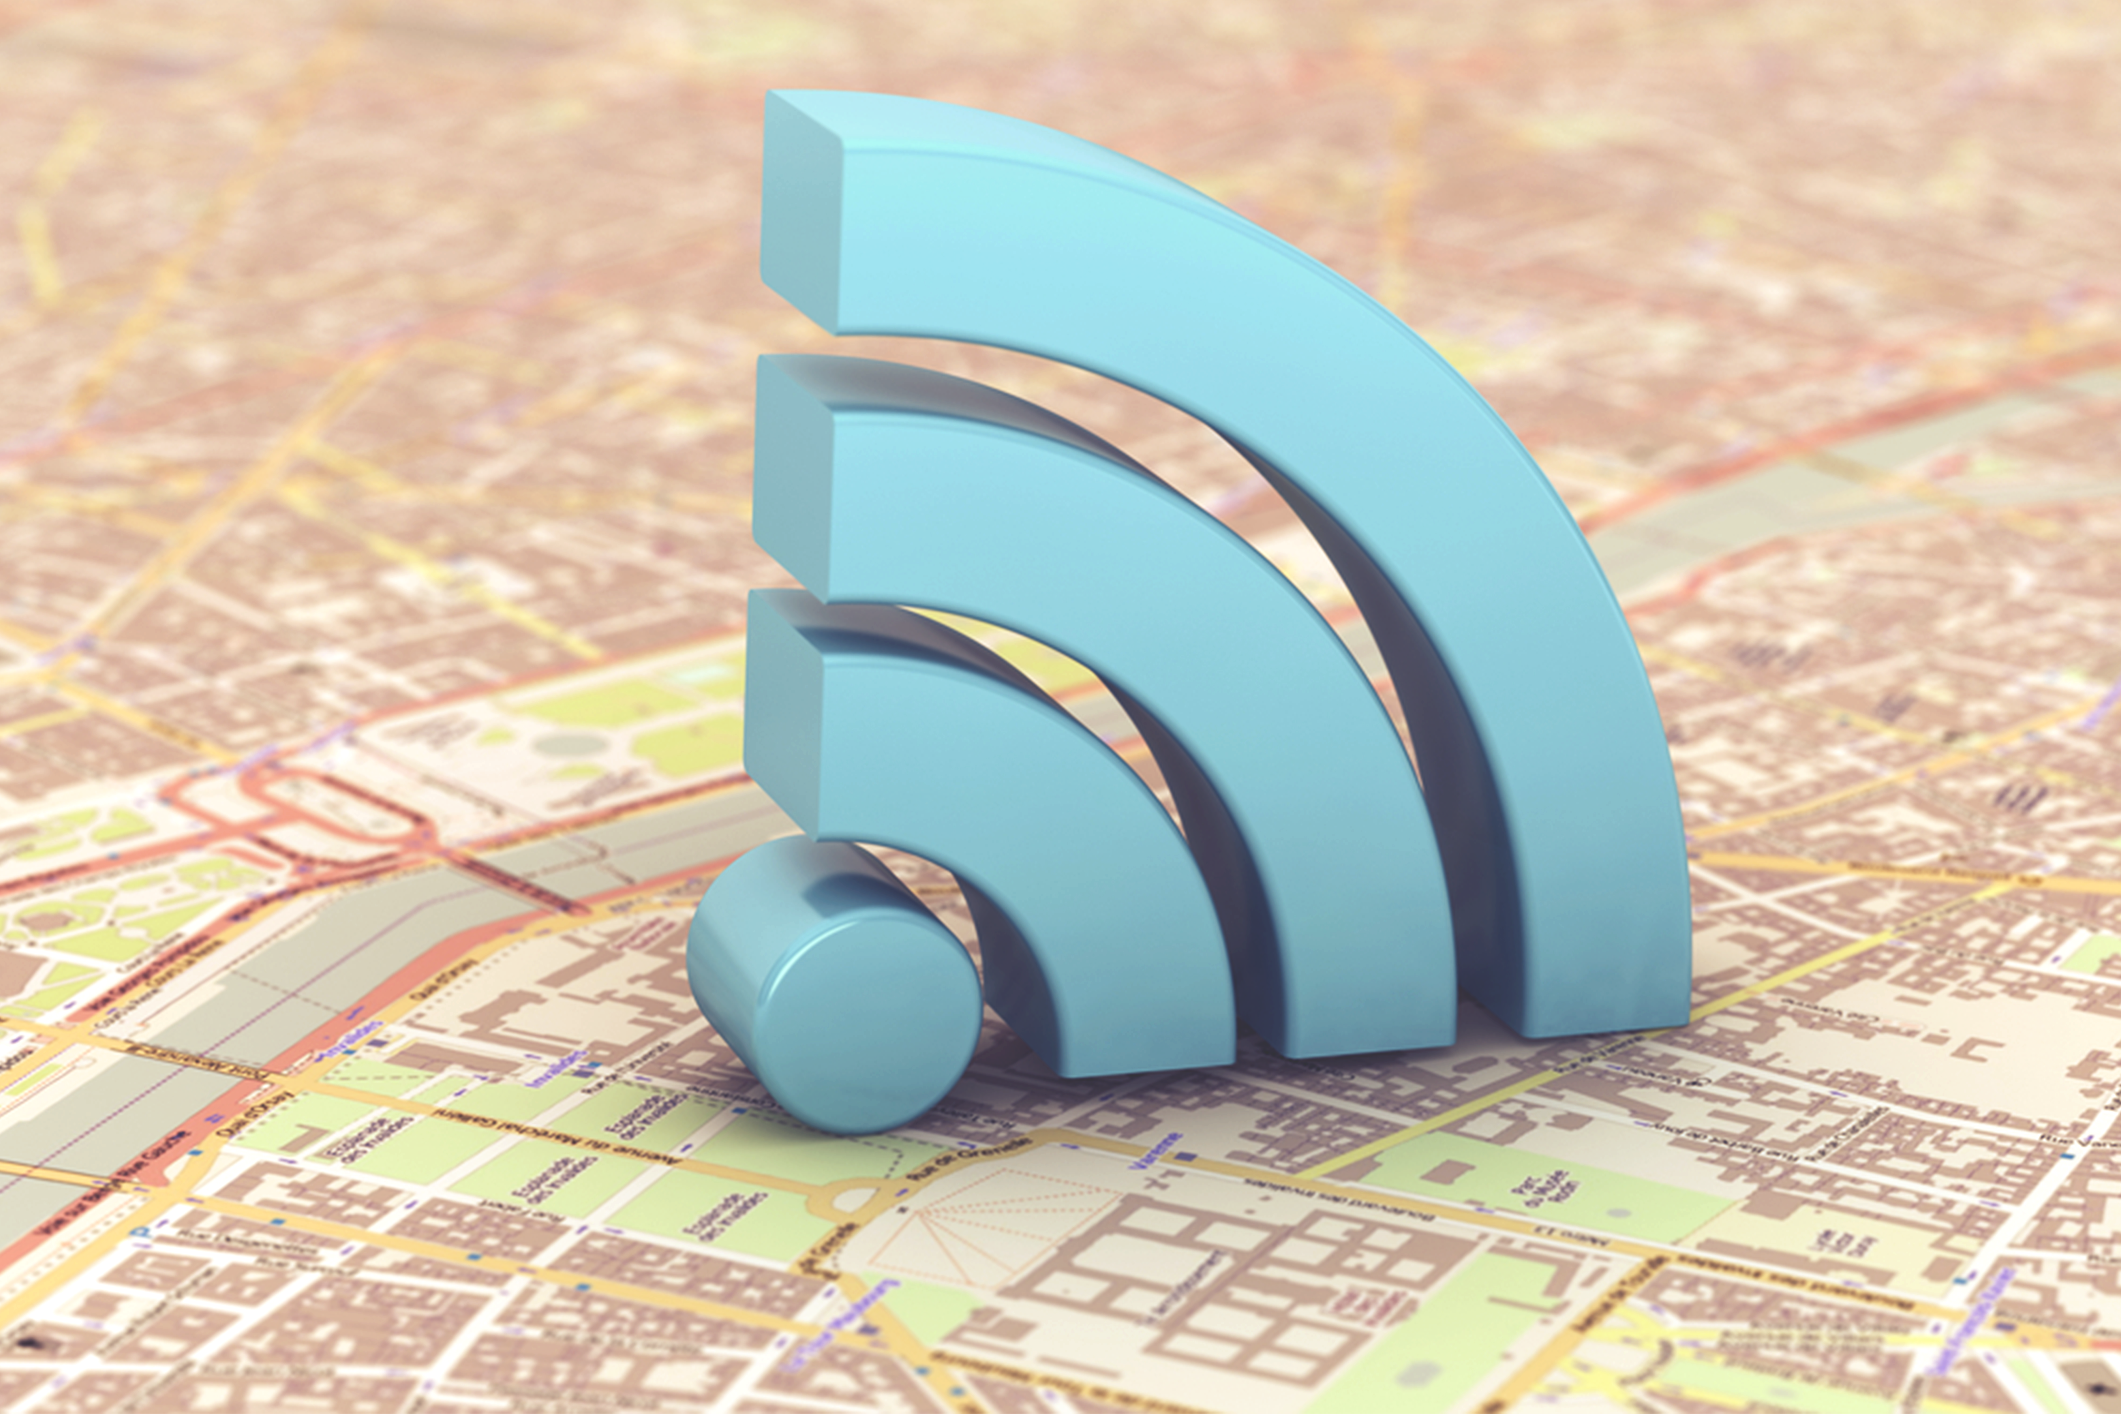 Le Wi-Fi public gratuit est un atout pour l'attractivité des territoires